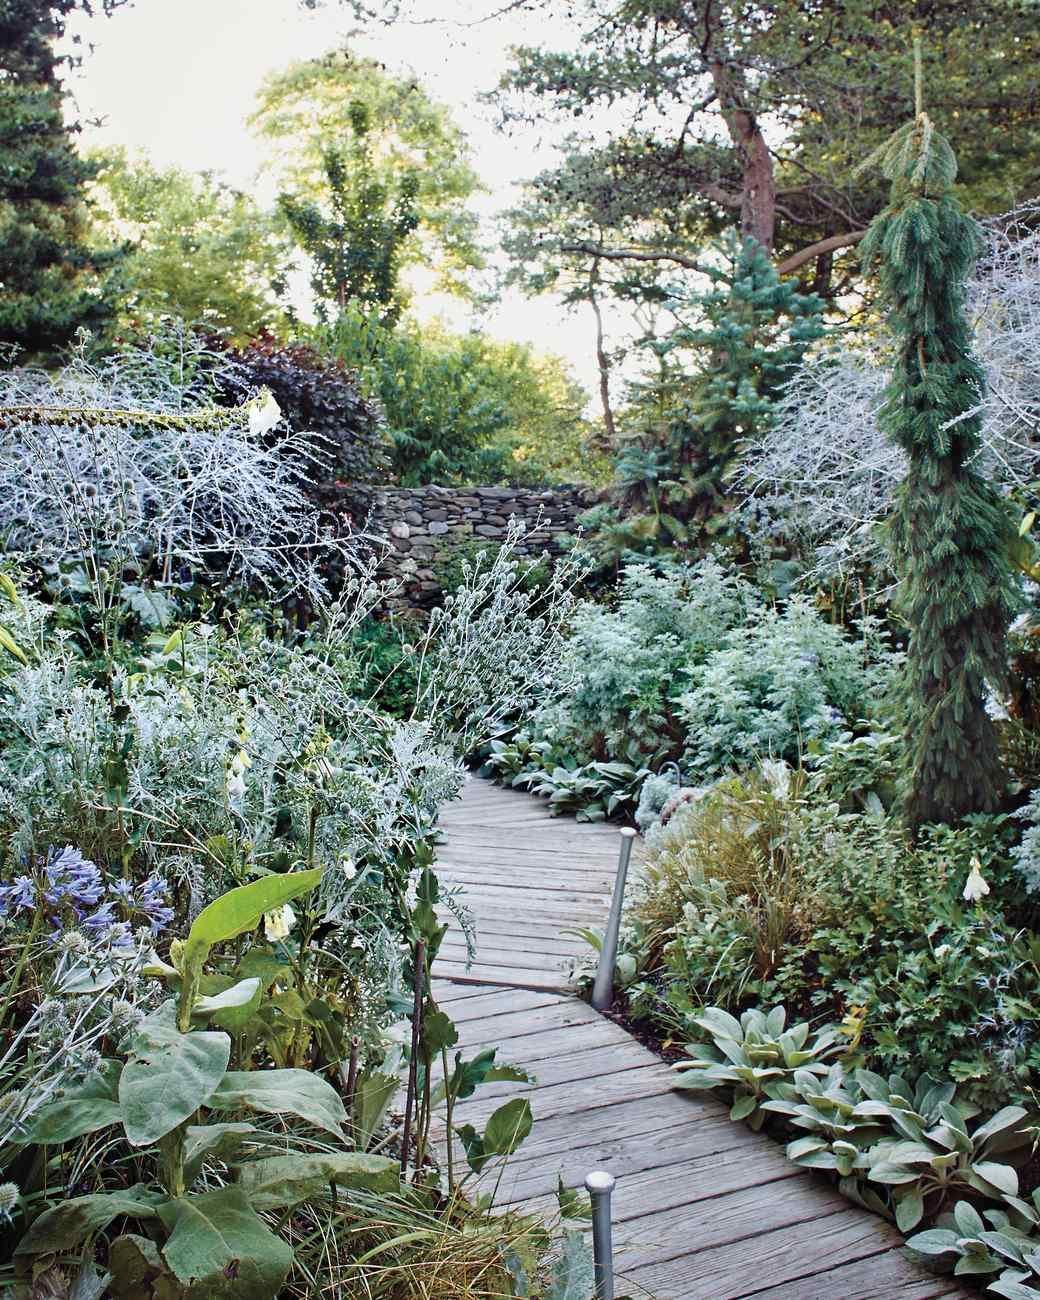 meadowburn-sakonnet-garden-rhode-island-070-d112361-0216.jpg